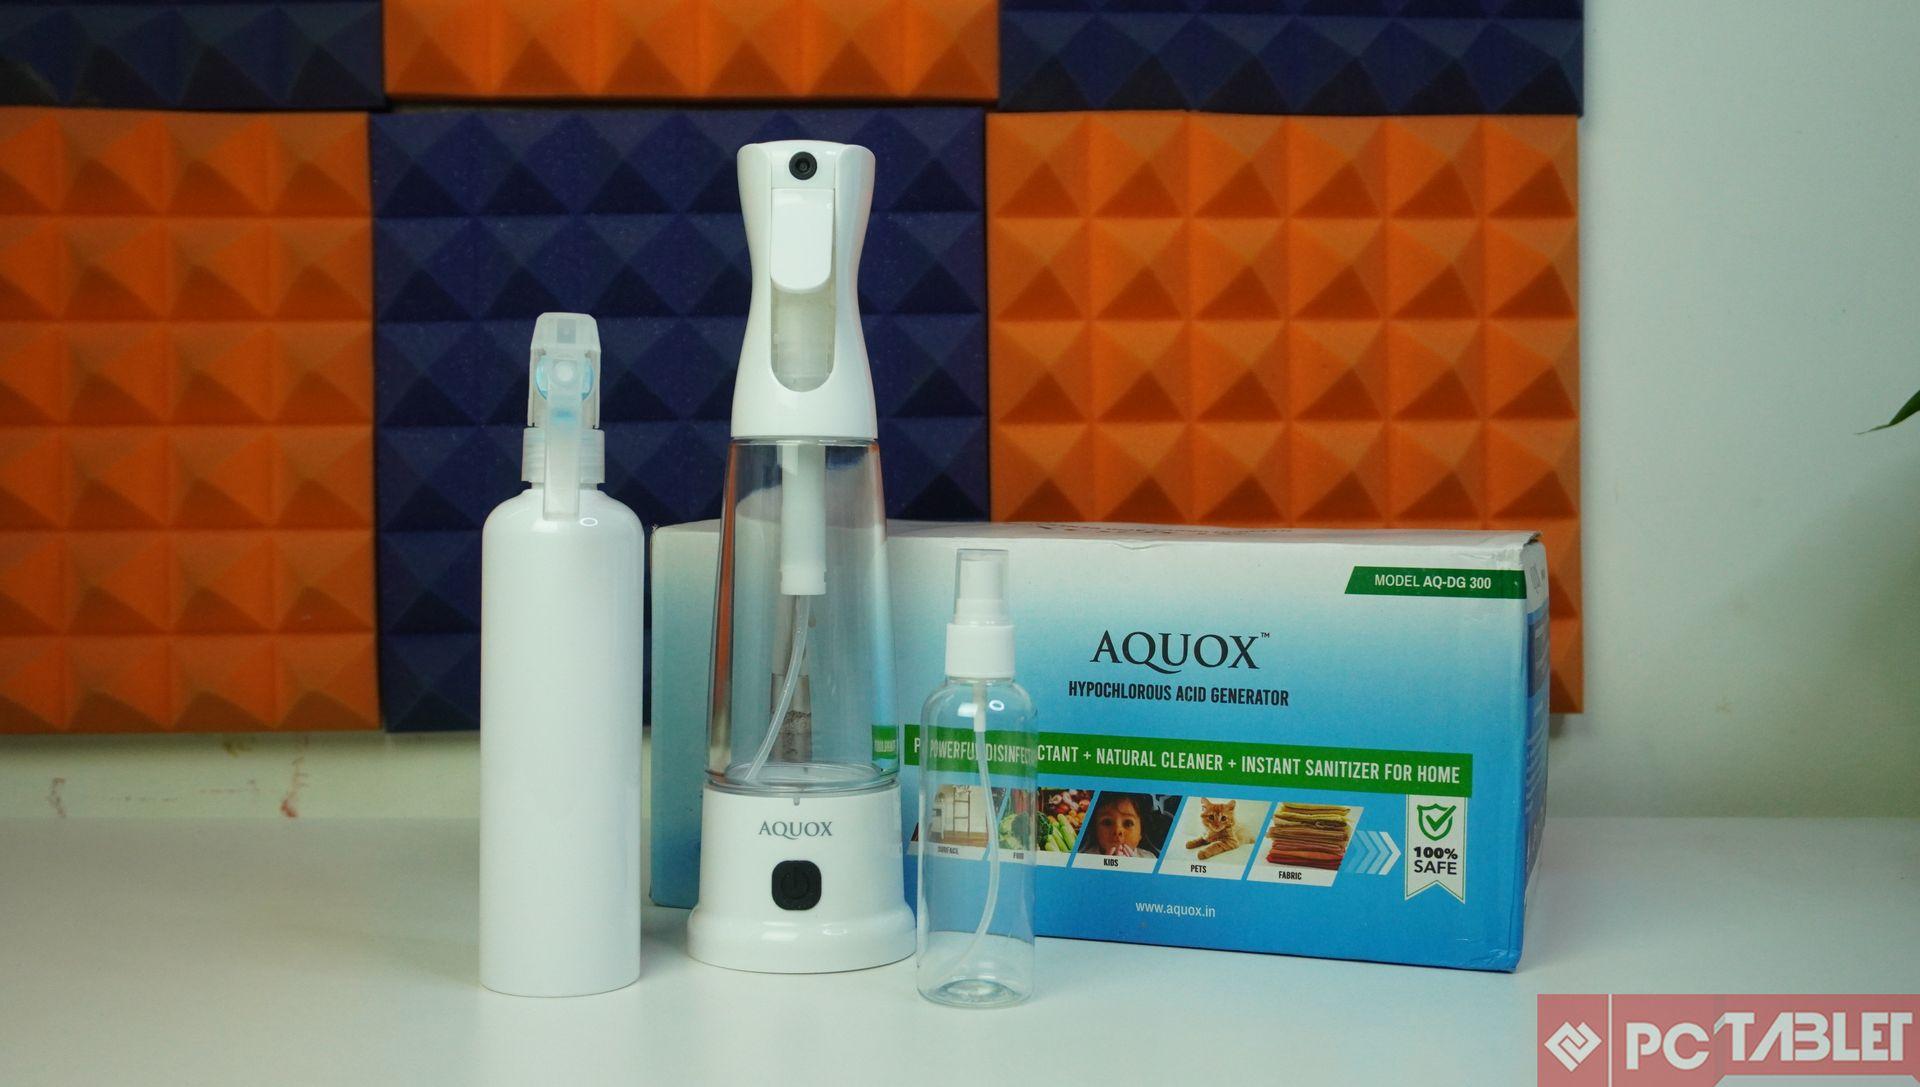 AQUOX Multi Purpose Hypochlorous Acid Generator AQ DG 300 Review 4